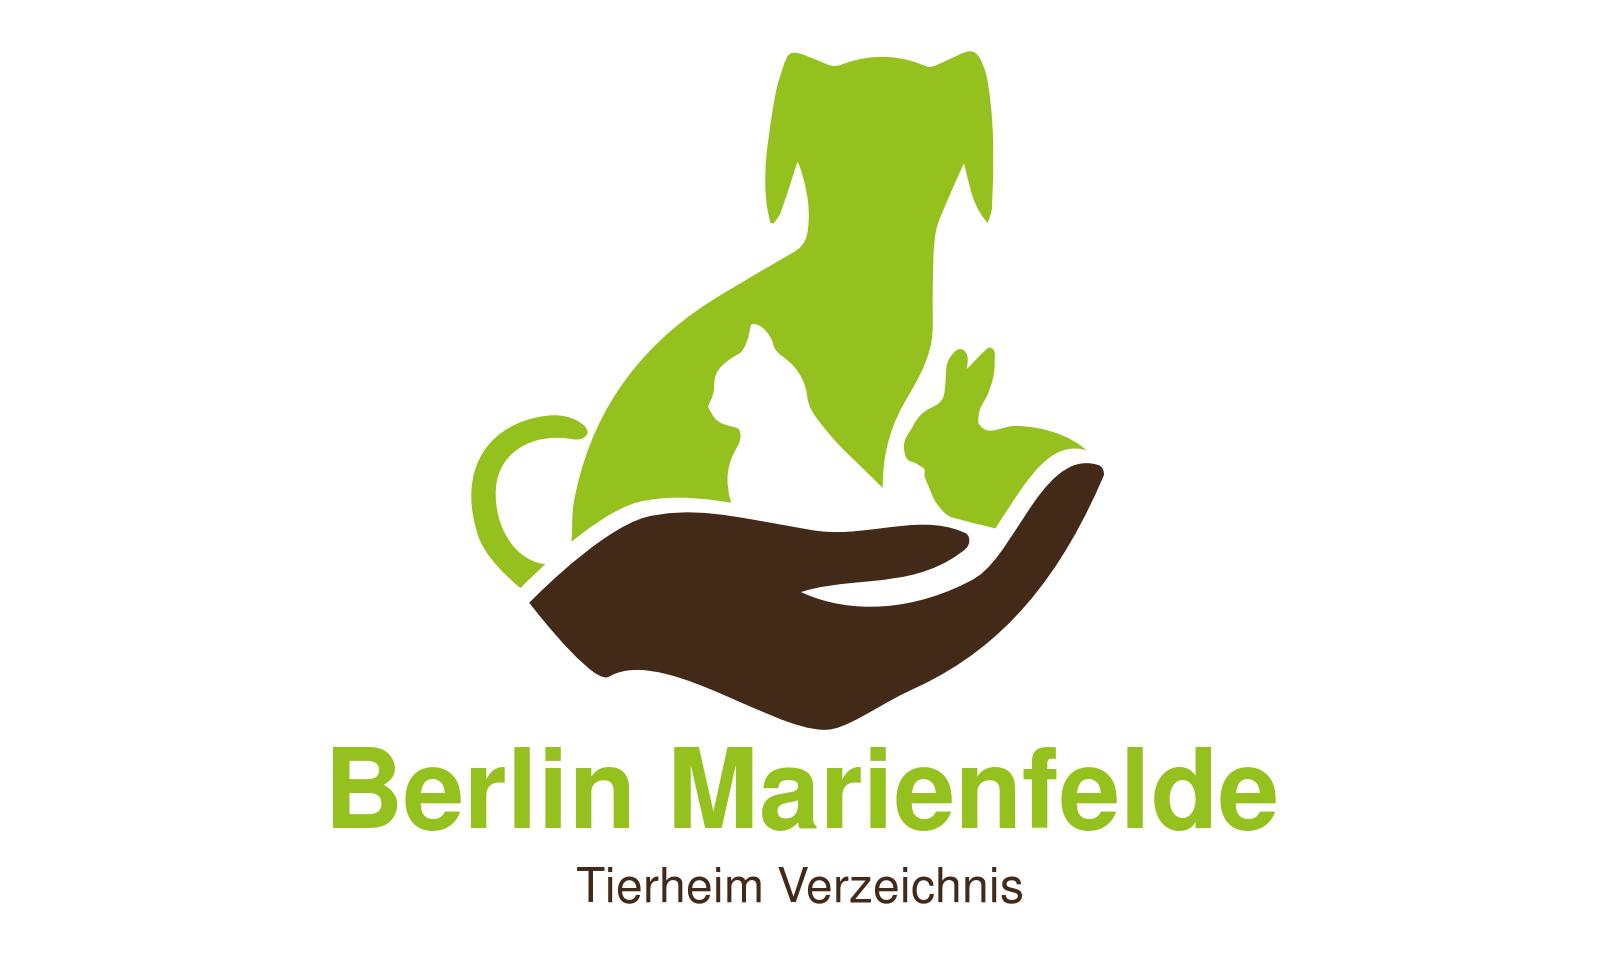 Tierheim Berlin Marienfelde